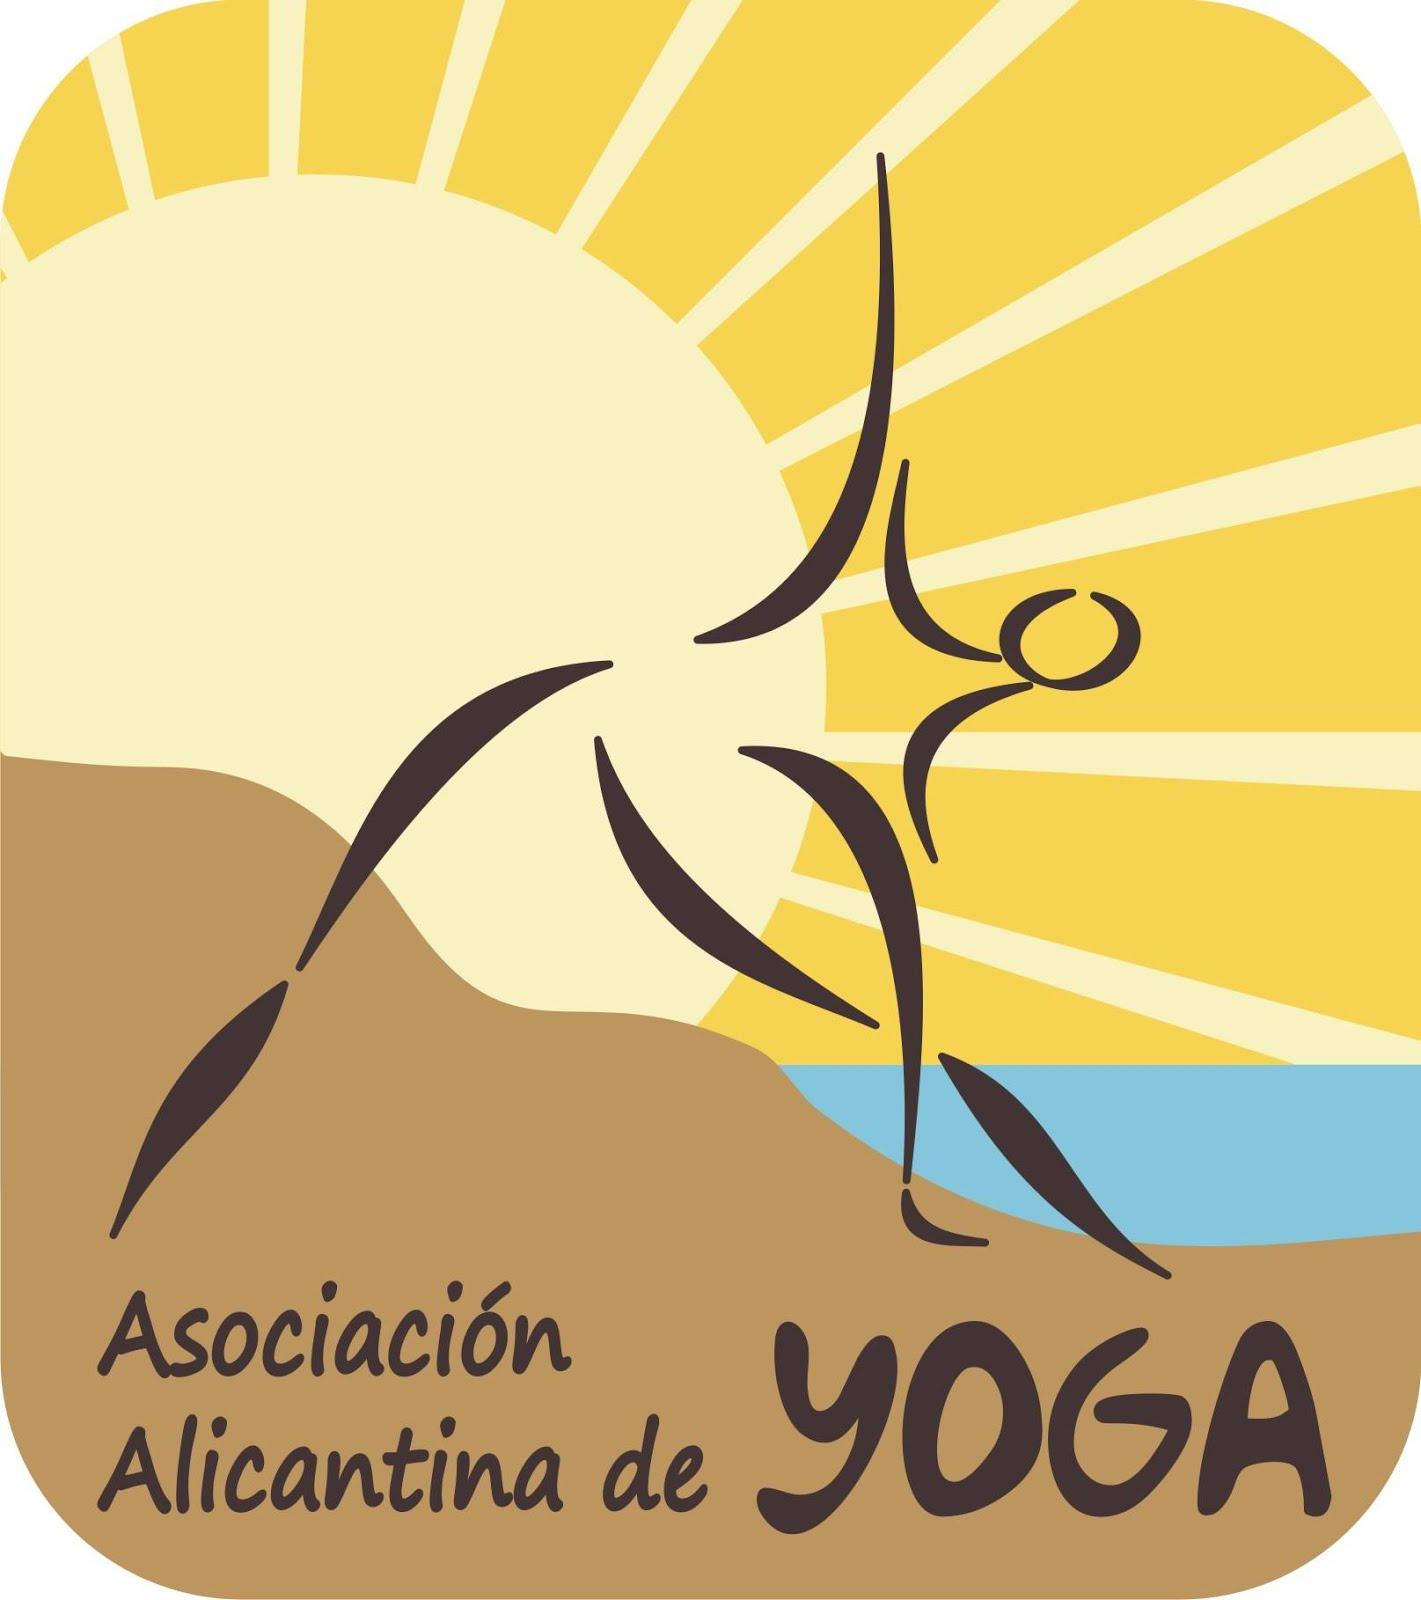 Asociación Alicantina de Yoga